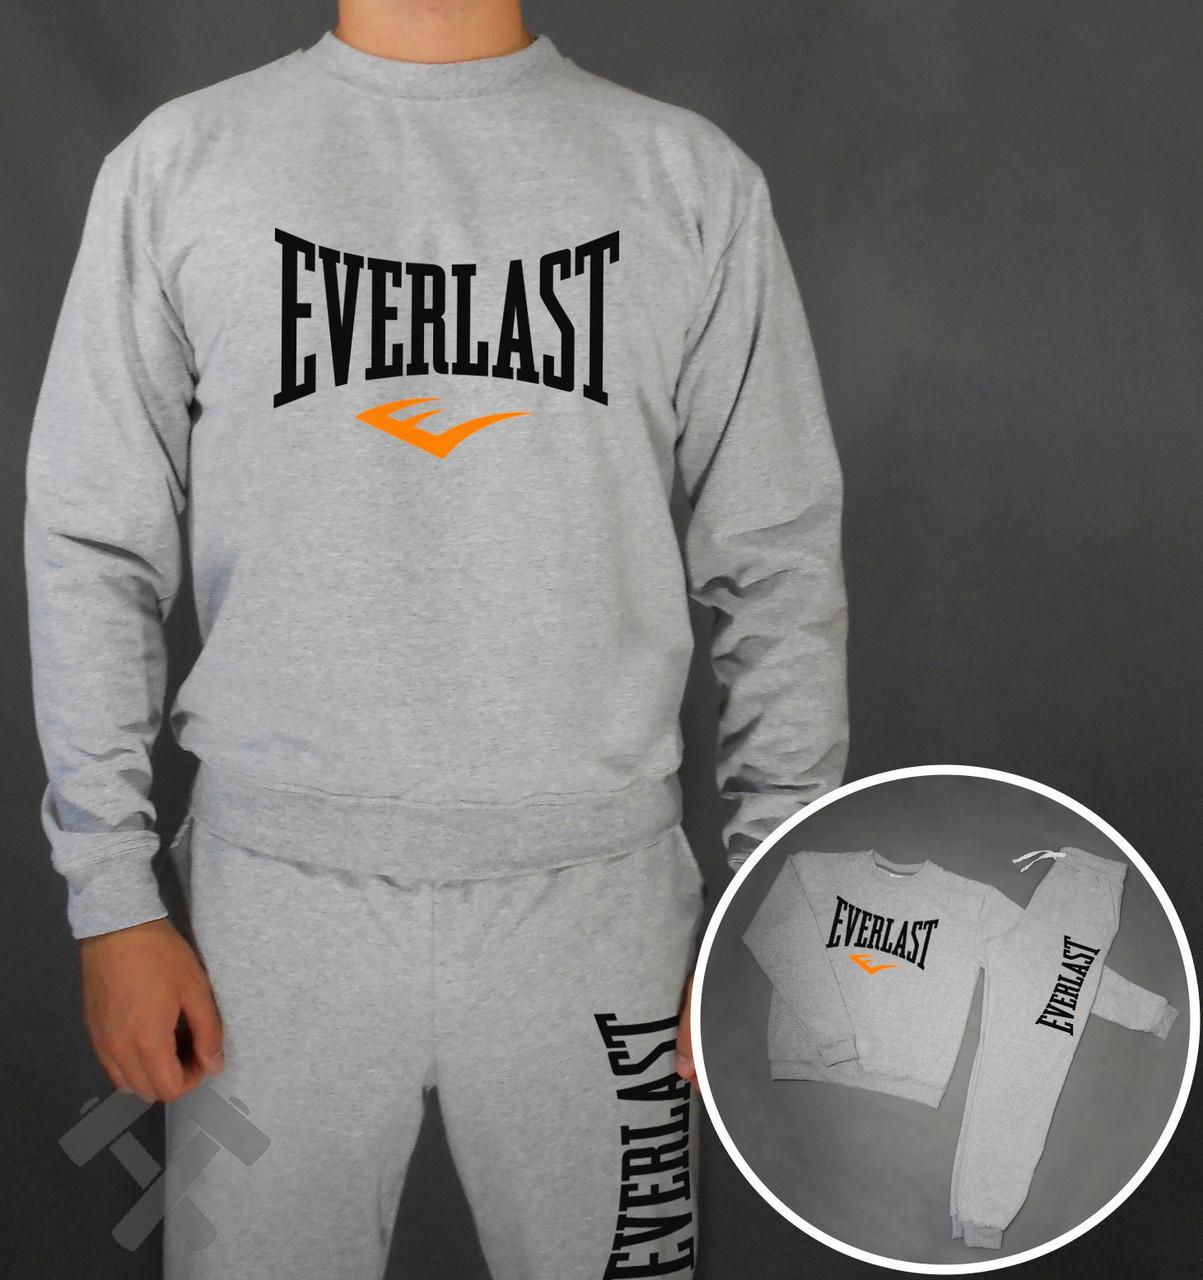 Спортивный костюм Еверласт, мужской костюм Everlast серый, трикотажный